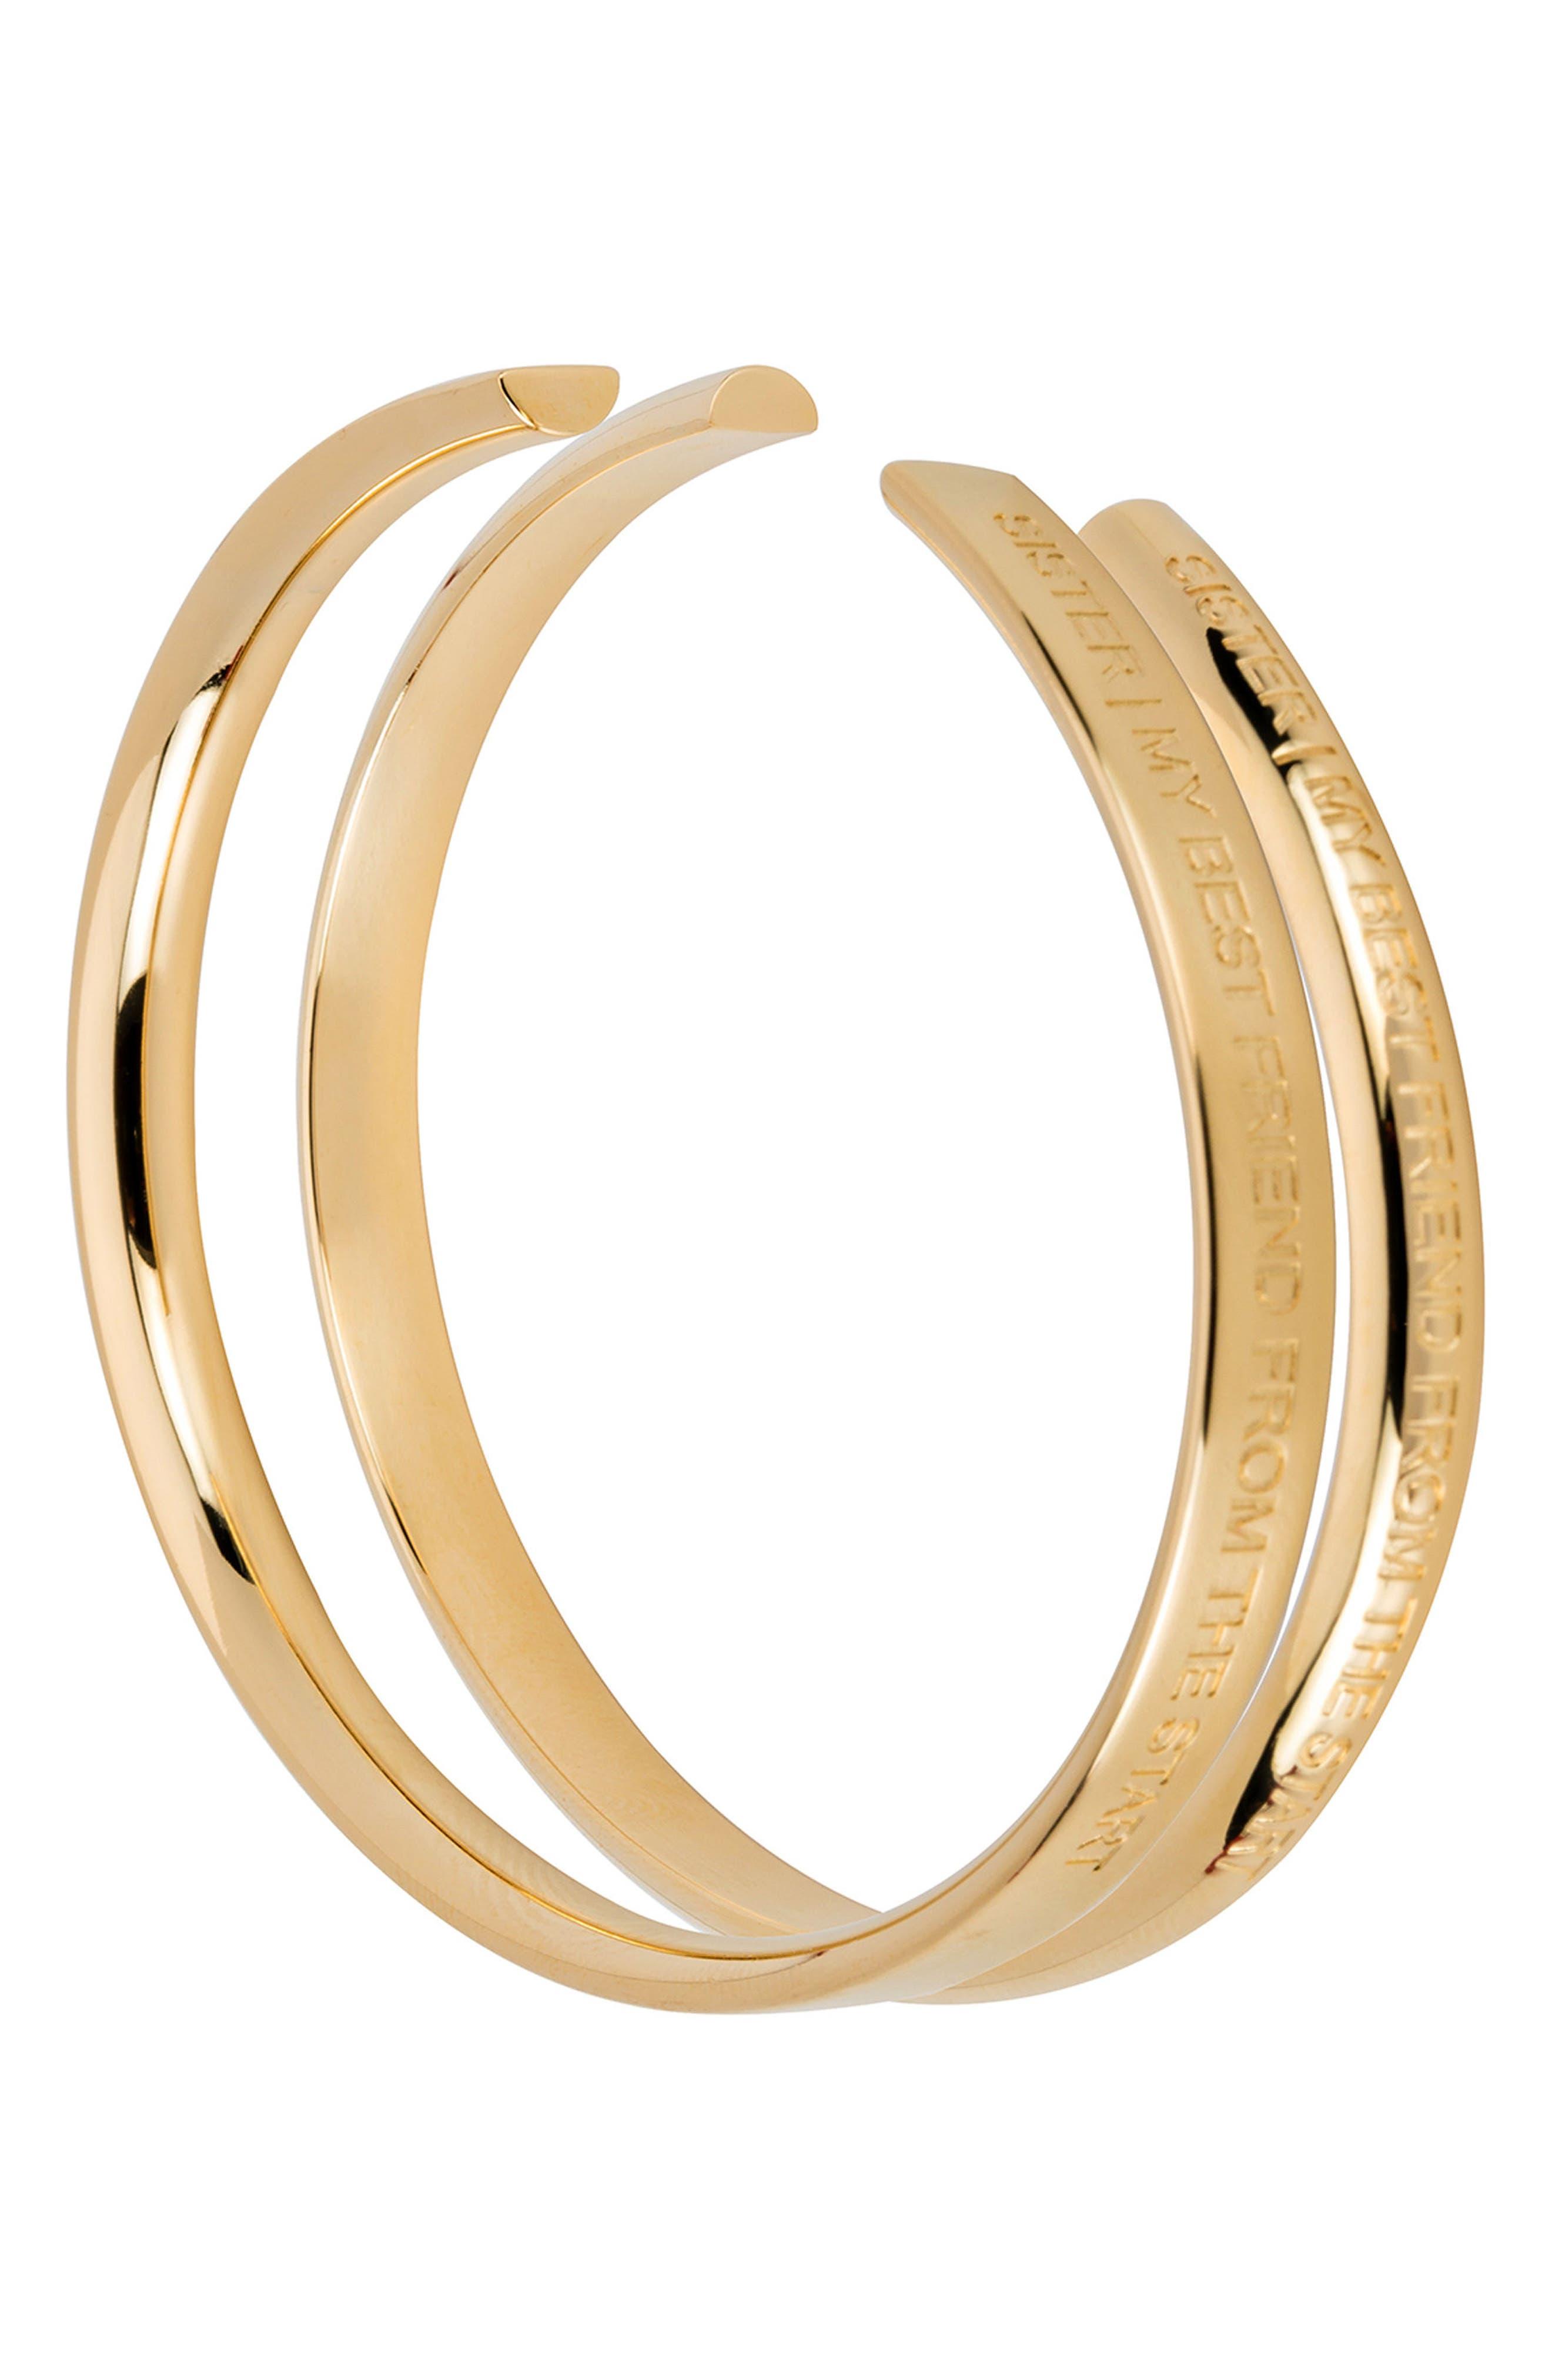 Sister Wrist Cuff,                         Main,                         color, Gold